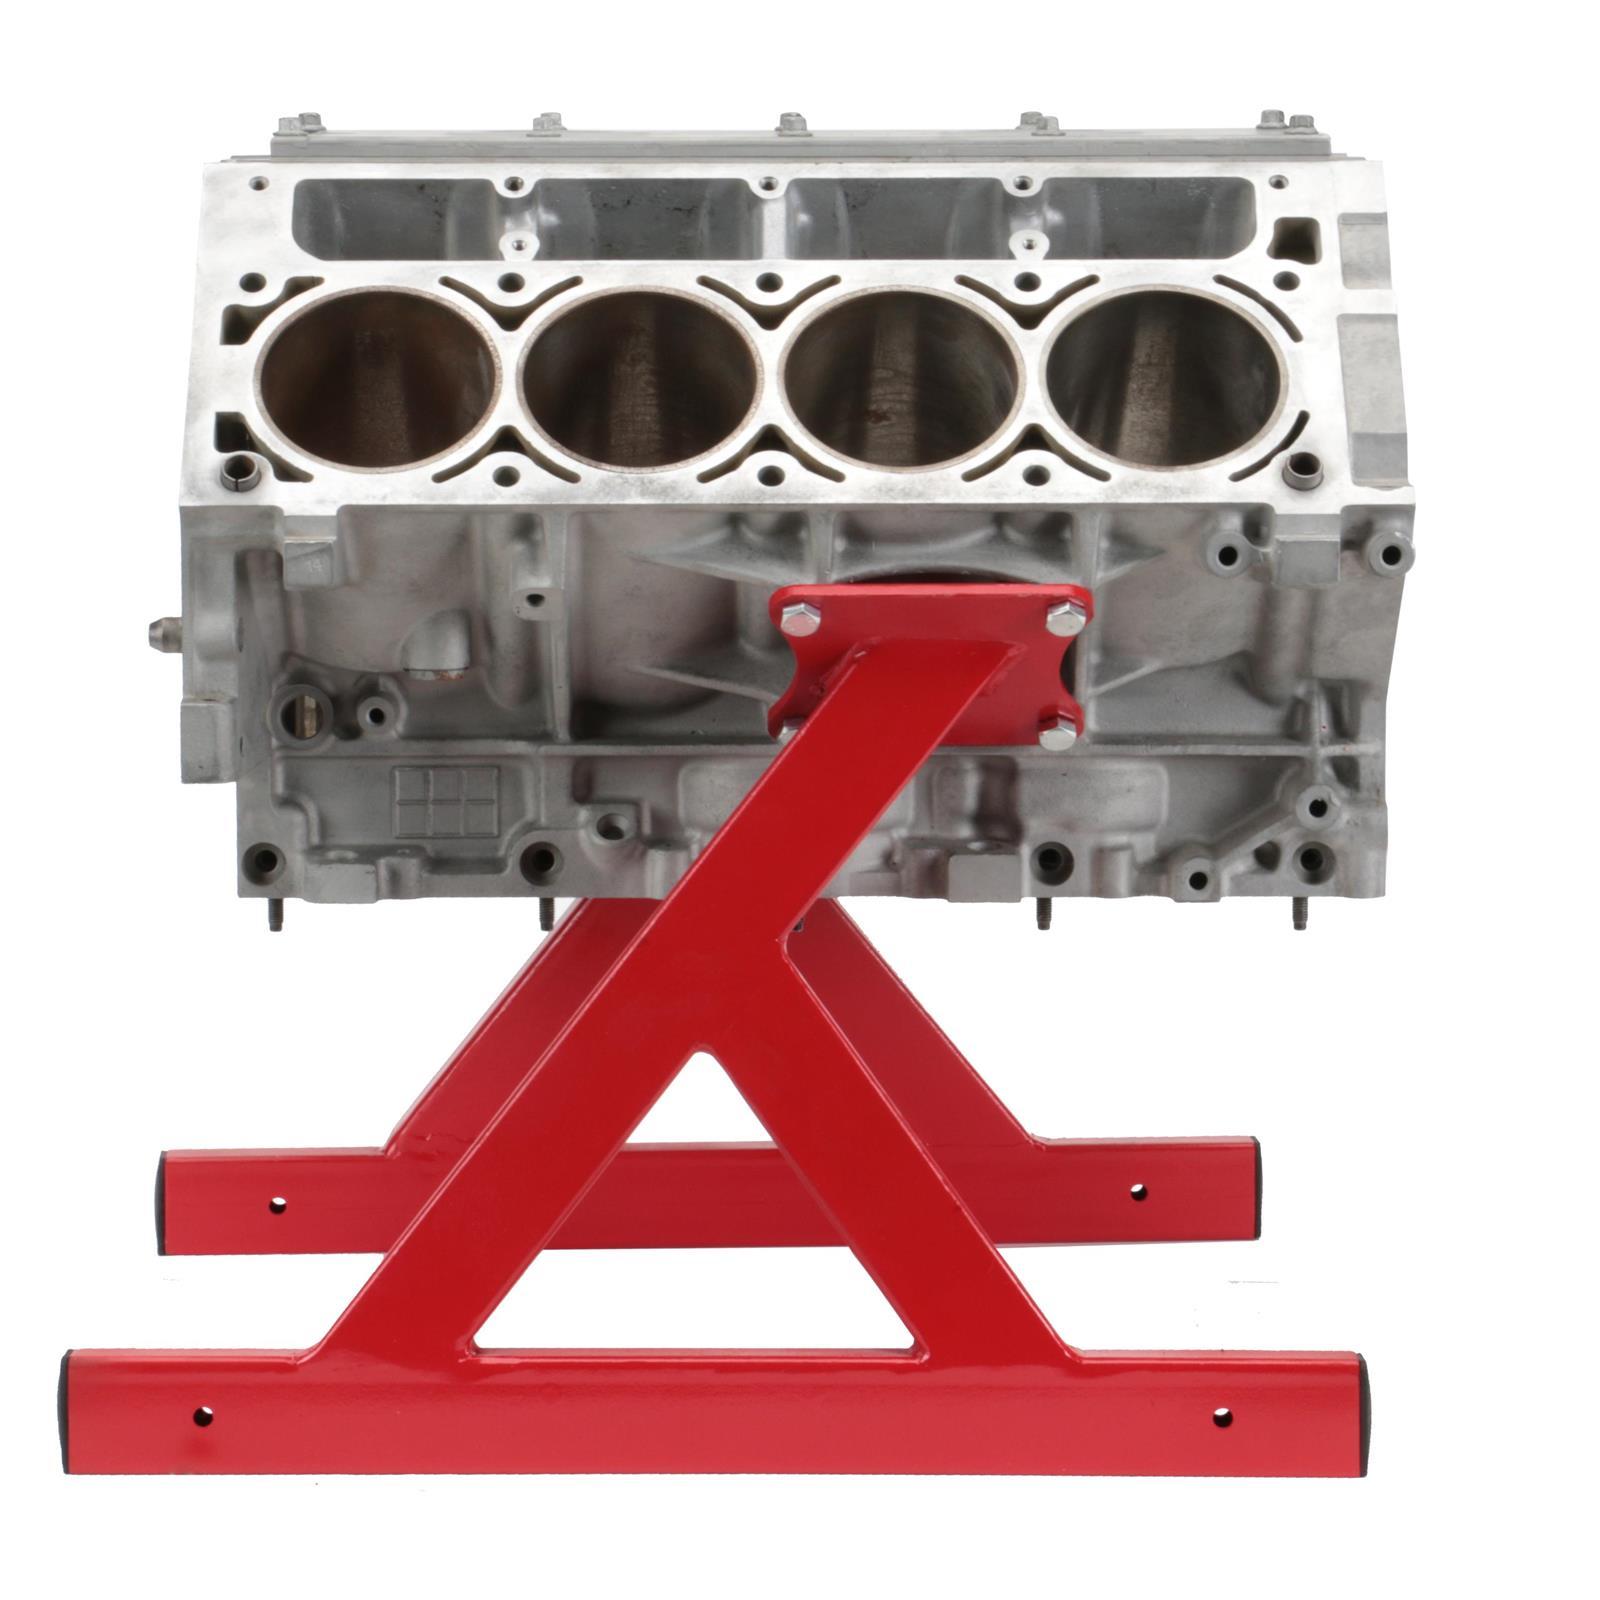 Speedway GM LS V8 Engine Storage Stand  sc 1 st  Speedway Motors & Speedway Engine Stands Parts - Free Shipping @ Speedway Motors